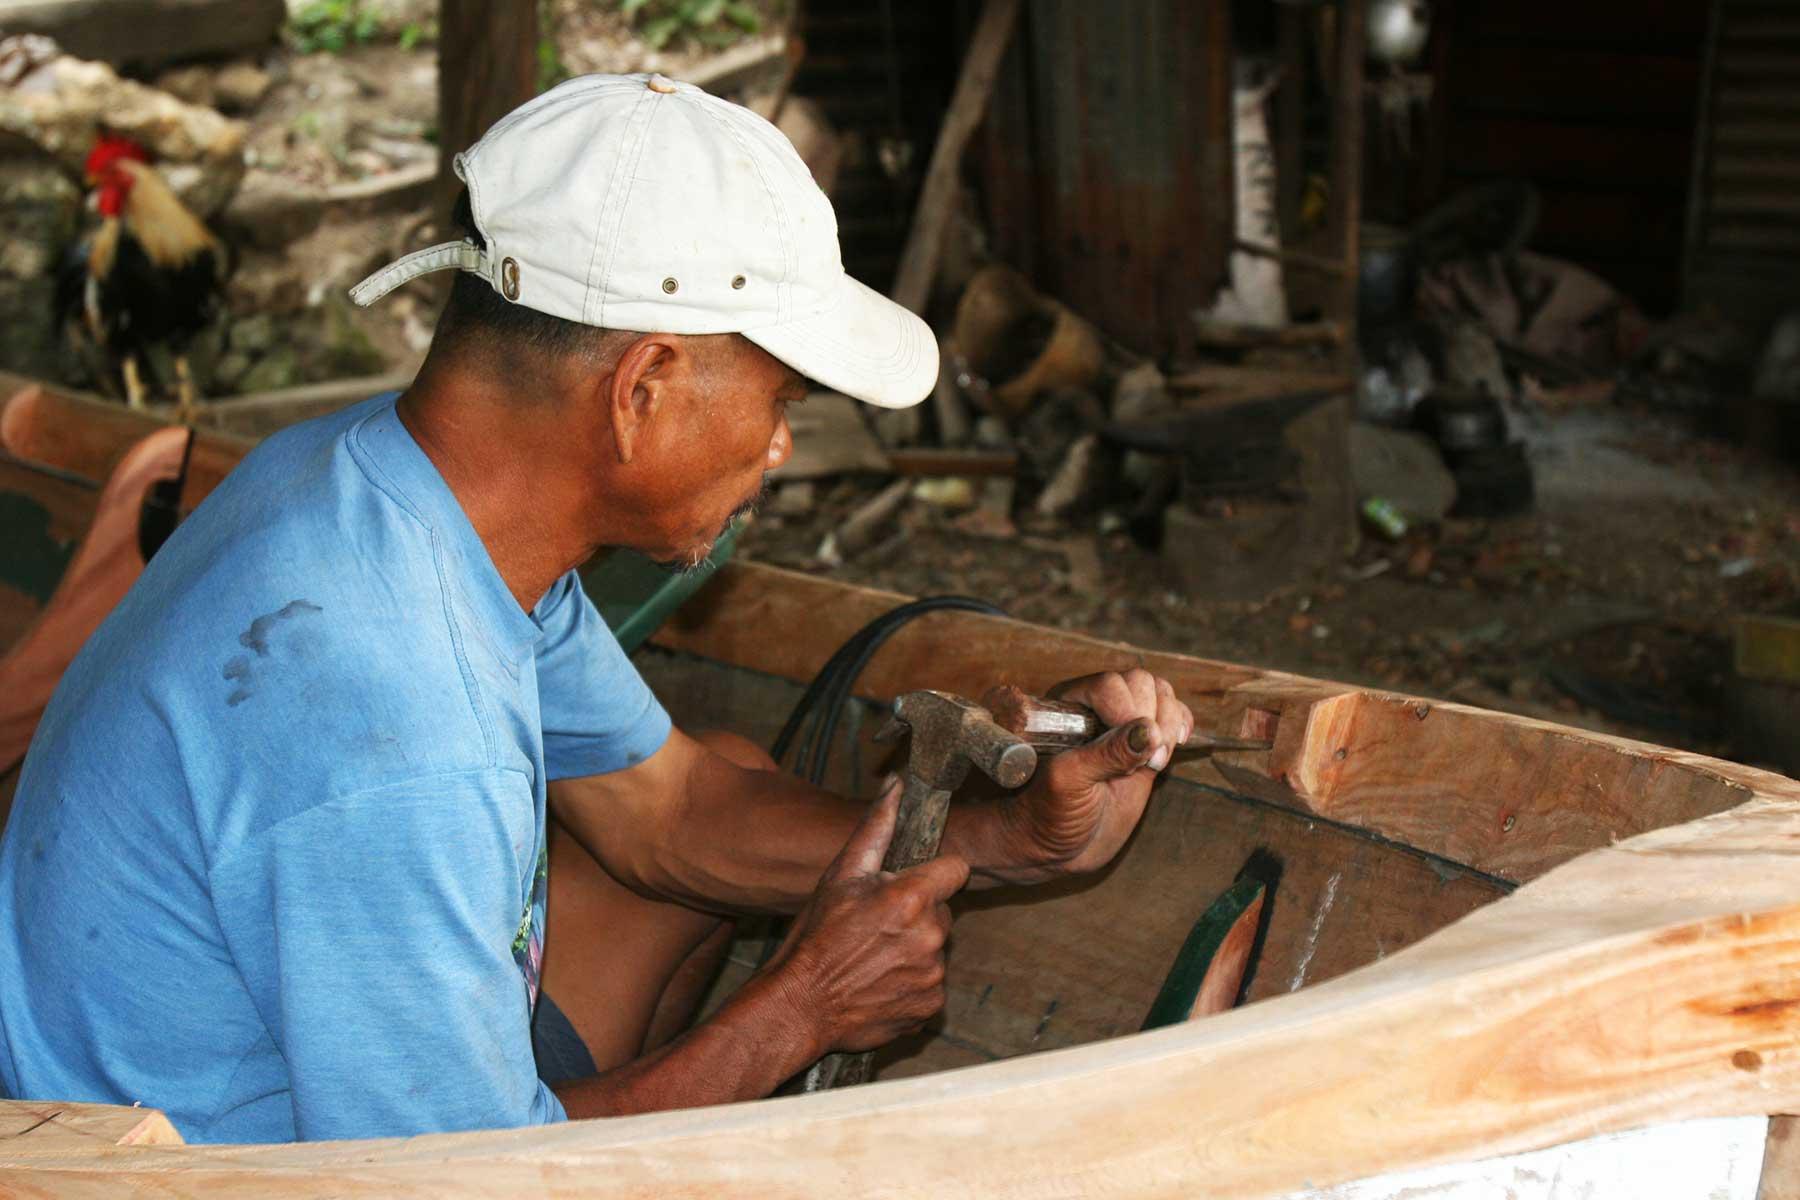 Ivatan Boat Builder - Batan Island - Steven Andrew Martin - Batanes Islands Cultural Atlas